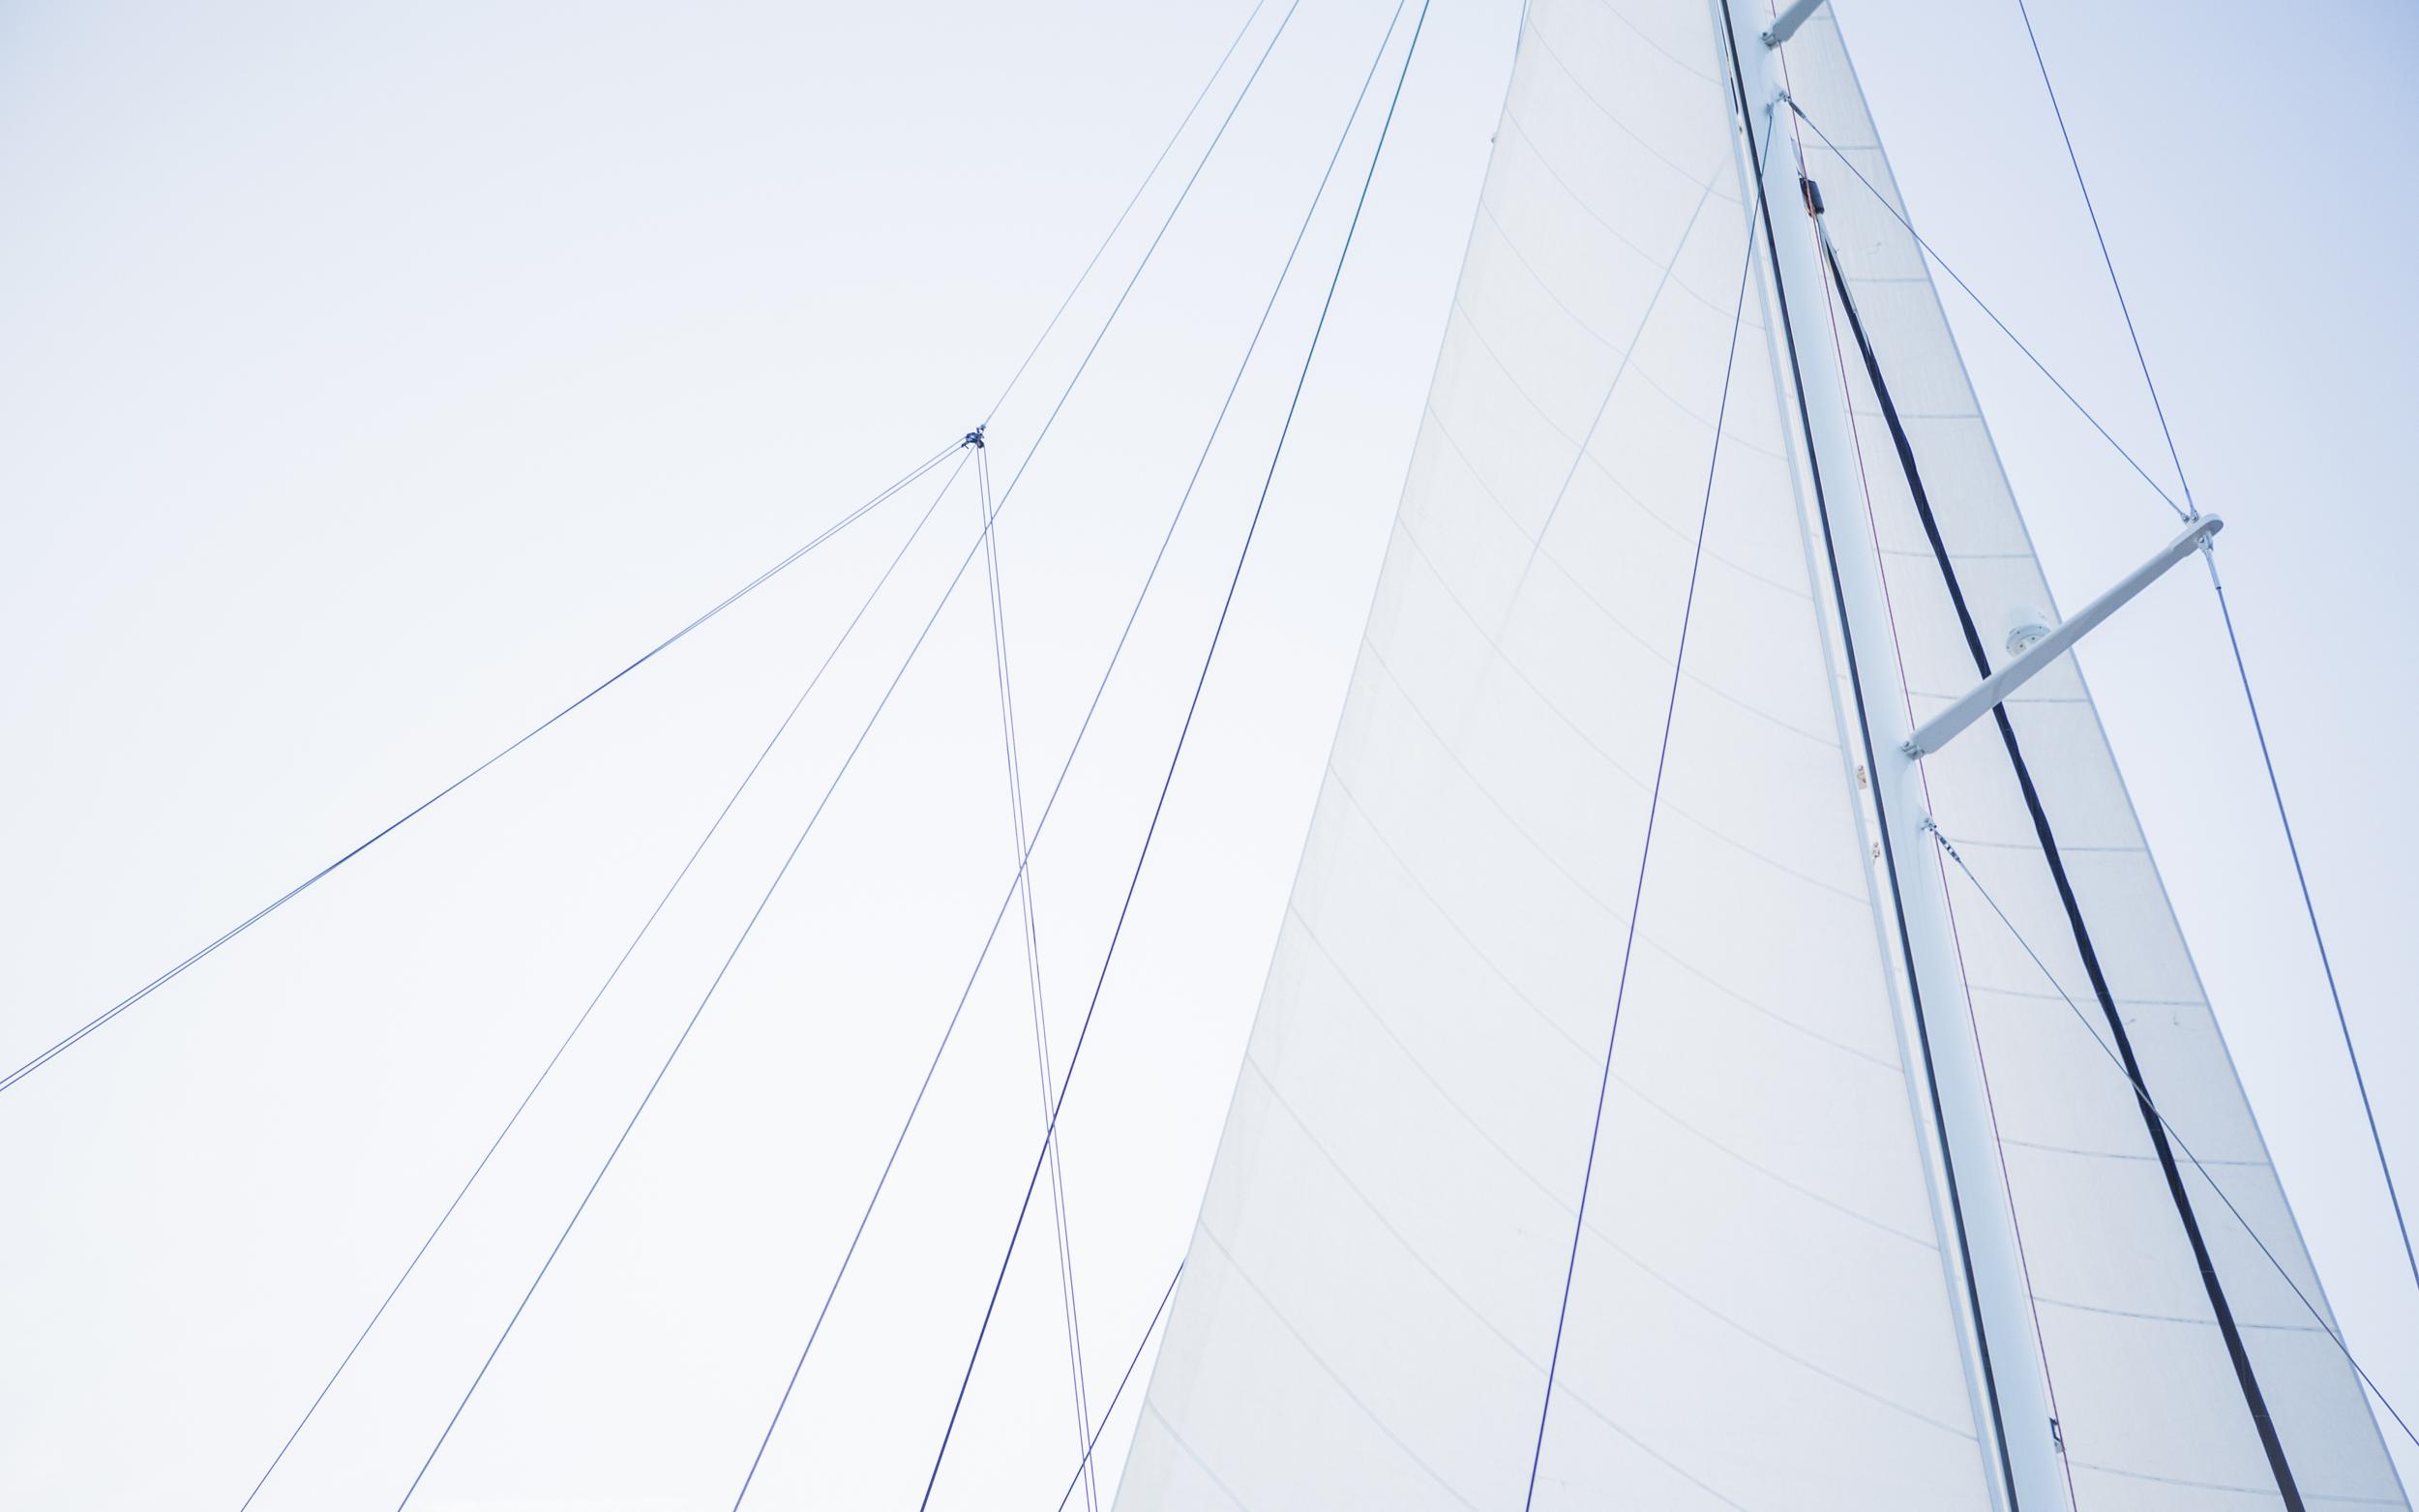 portobello-sail.jpg